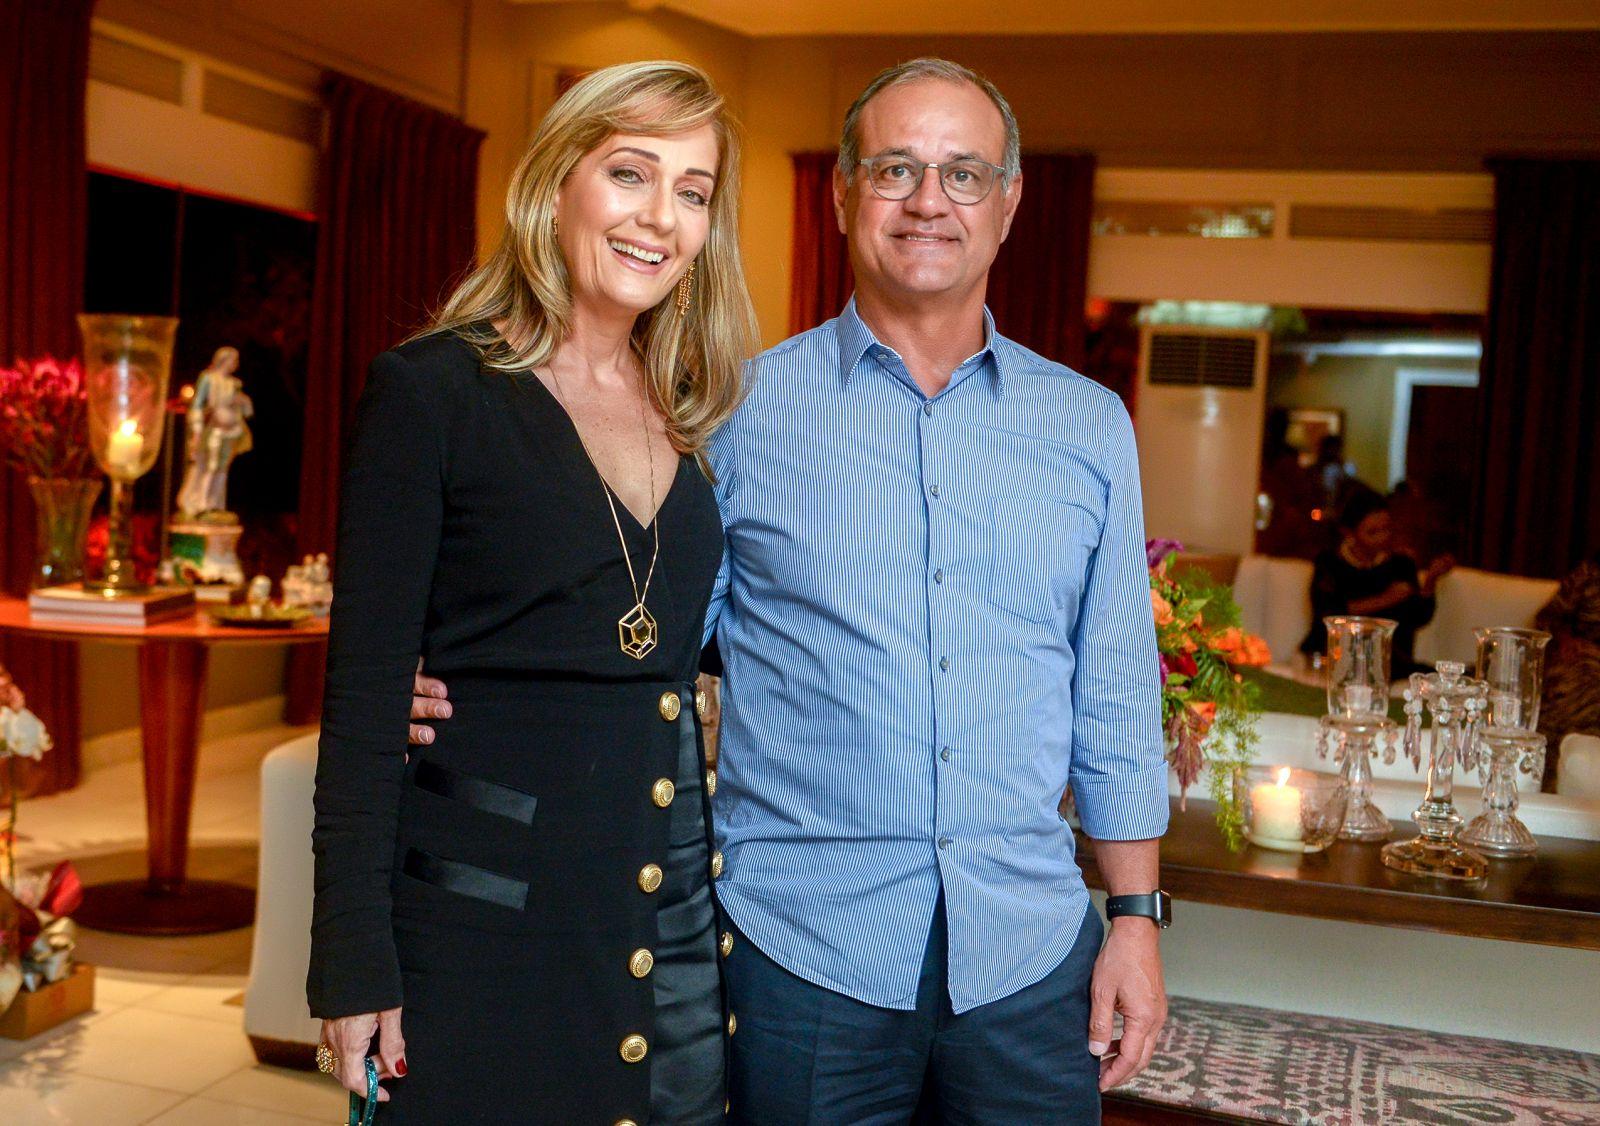 Maria Alice e Mário Mendonça casal destaque no aniversário de Tina Lima